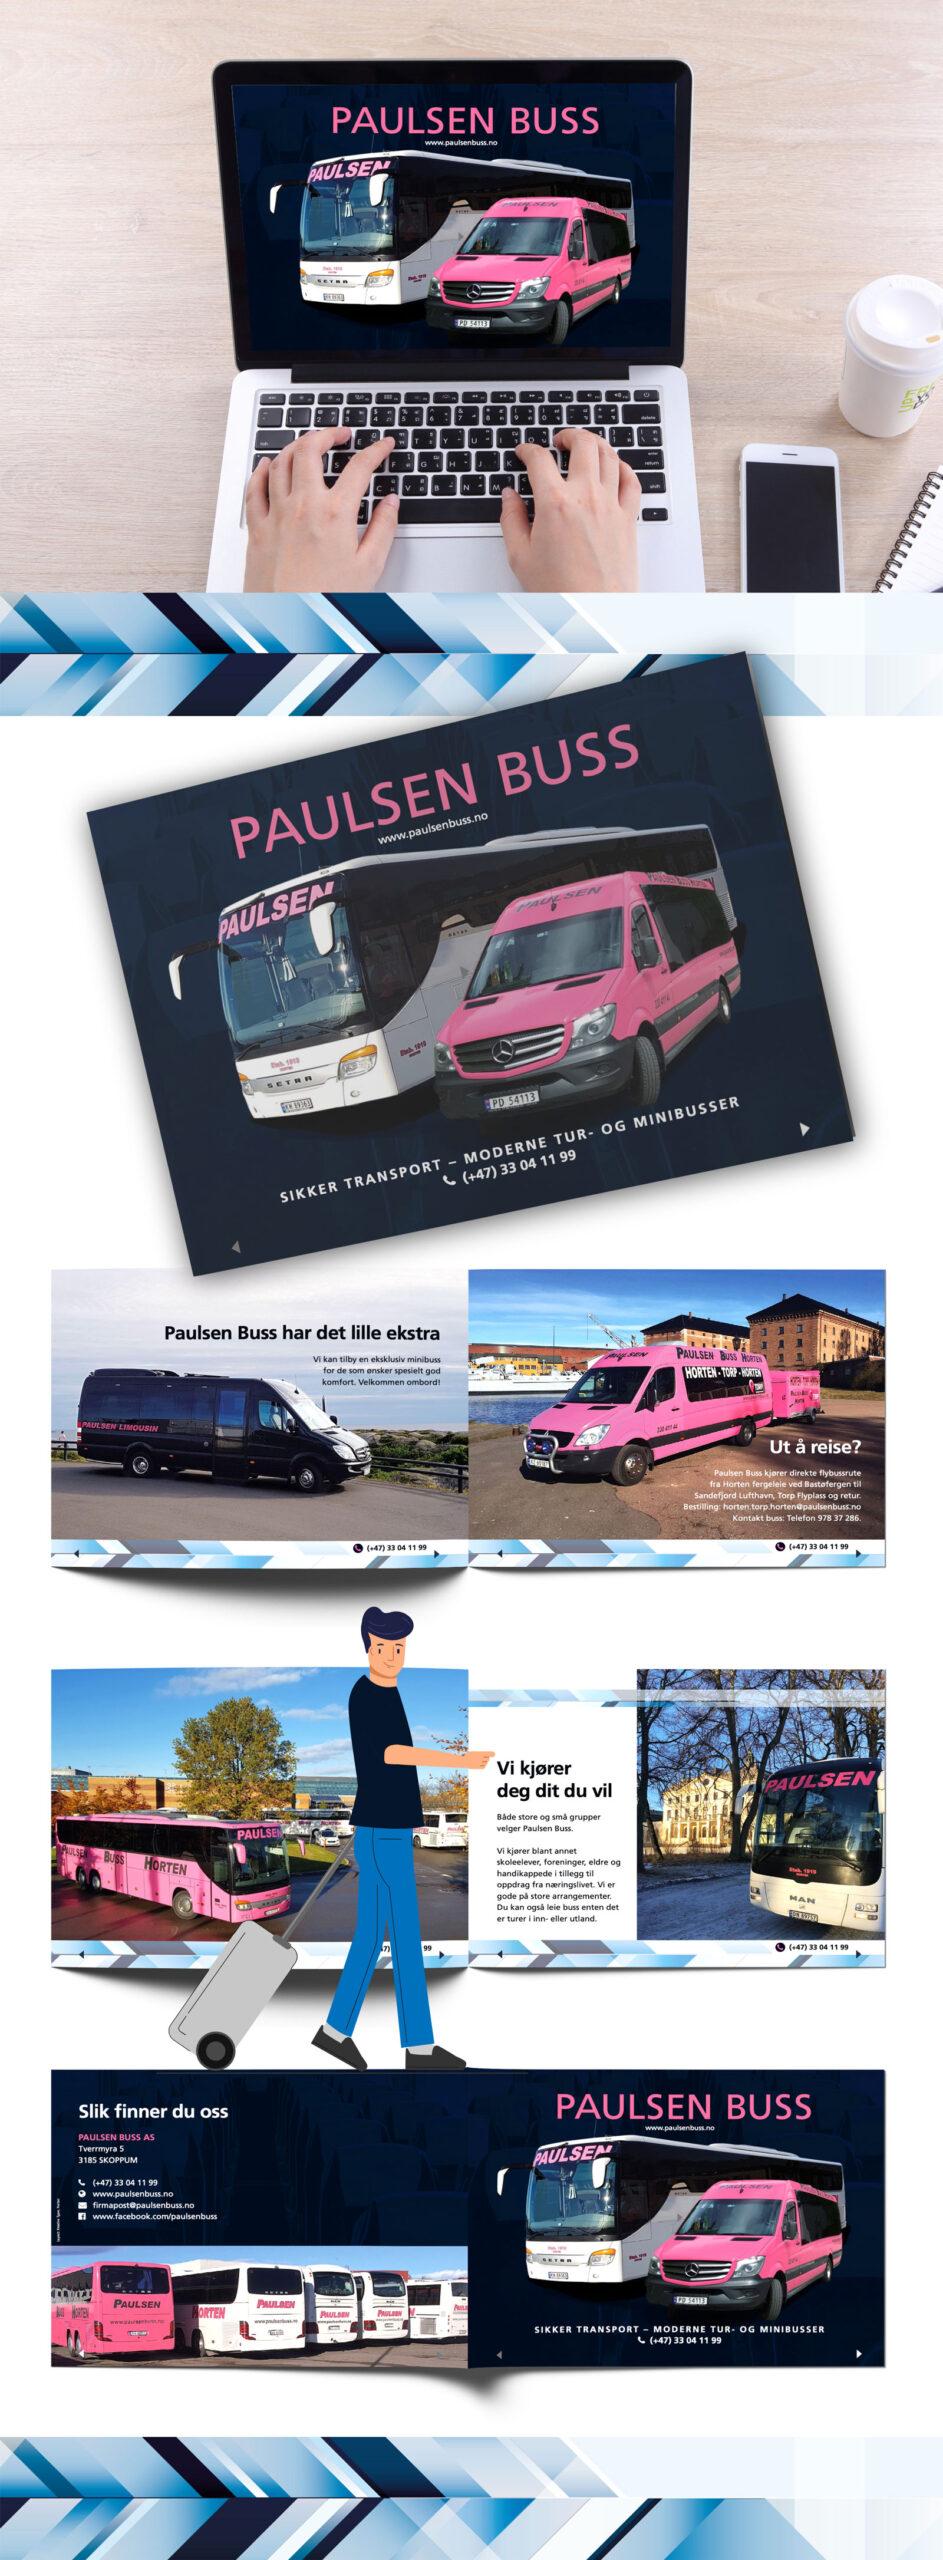 Digital brosjyre for Paulsen Buss